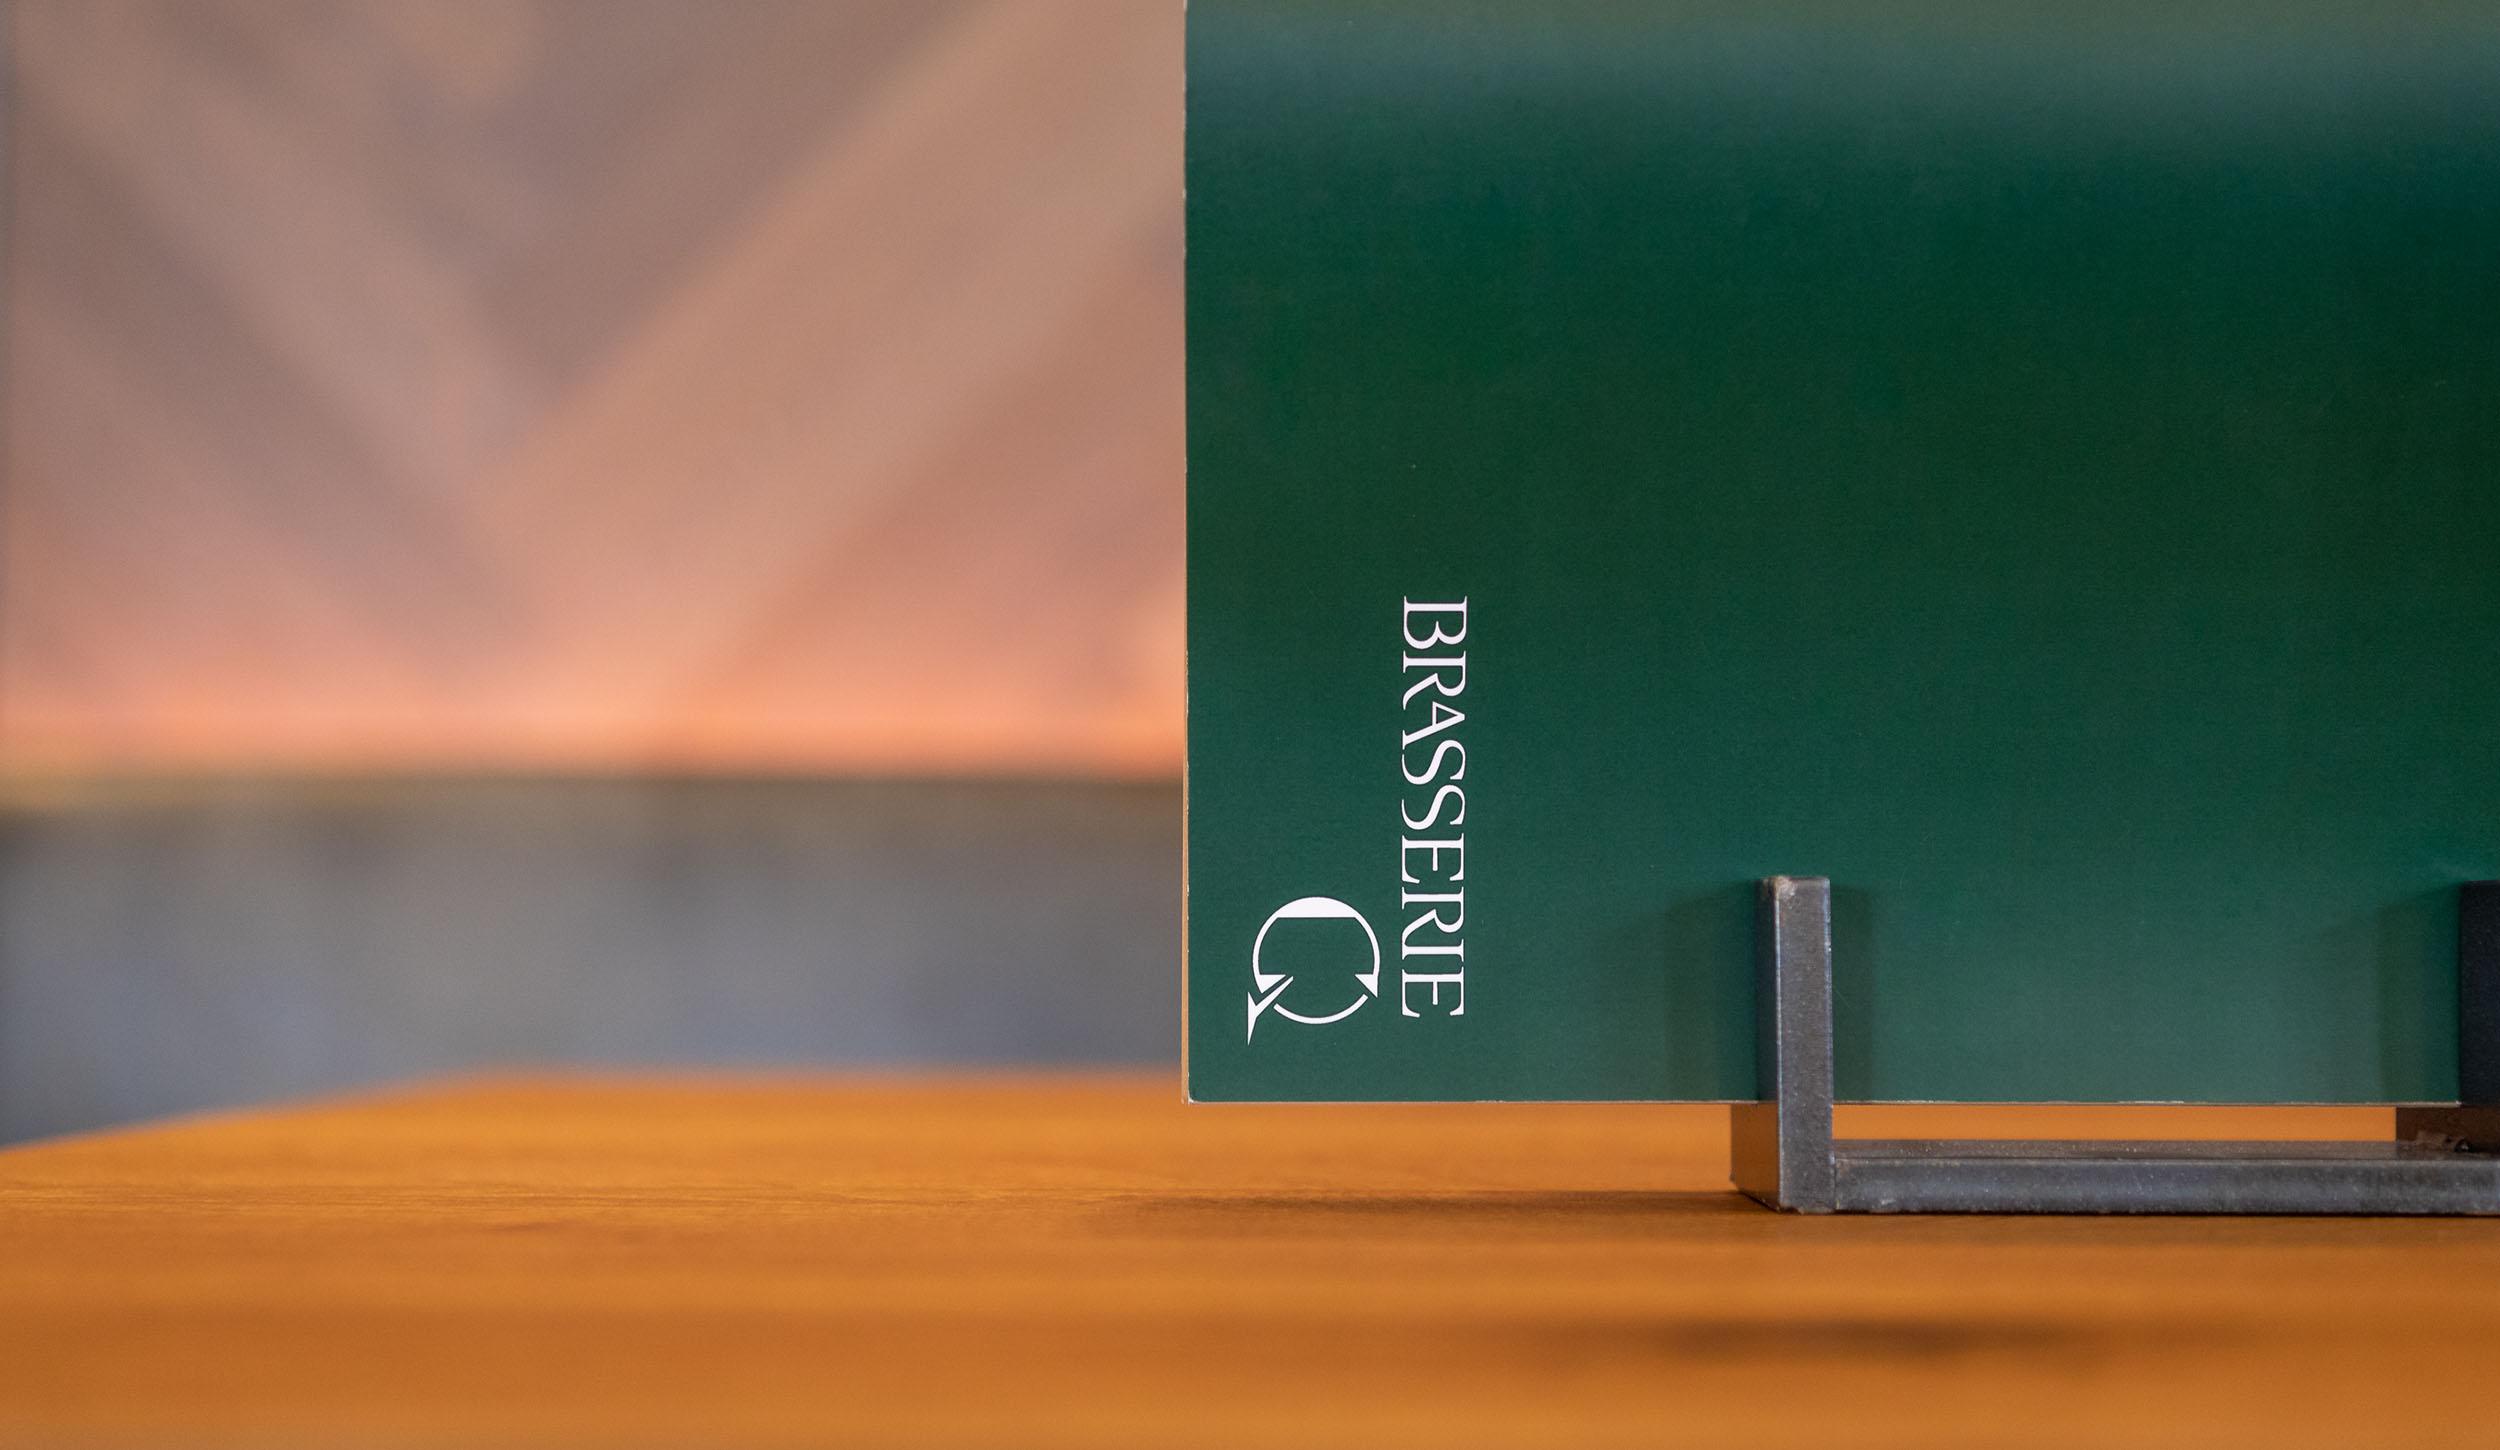 Speisekarte, Visitenkarte Design Rosa & Leni